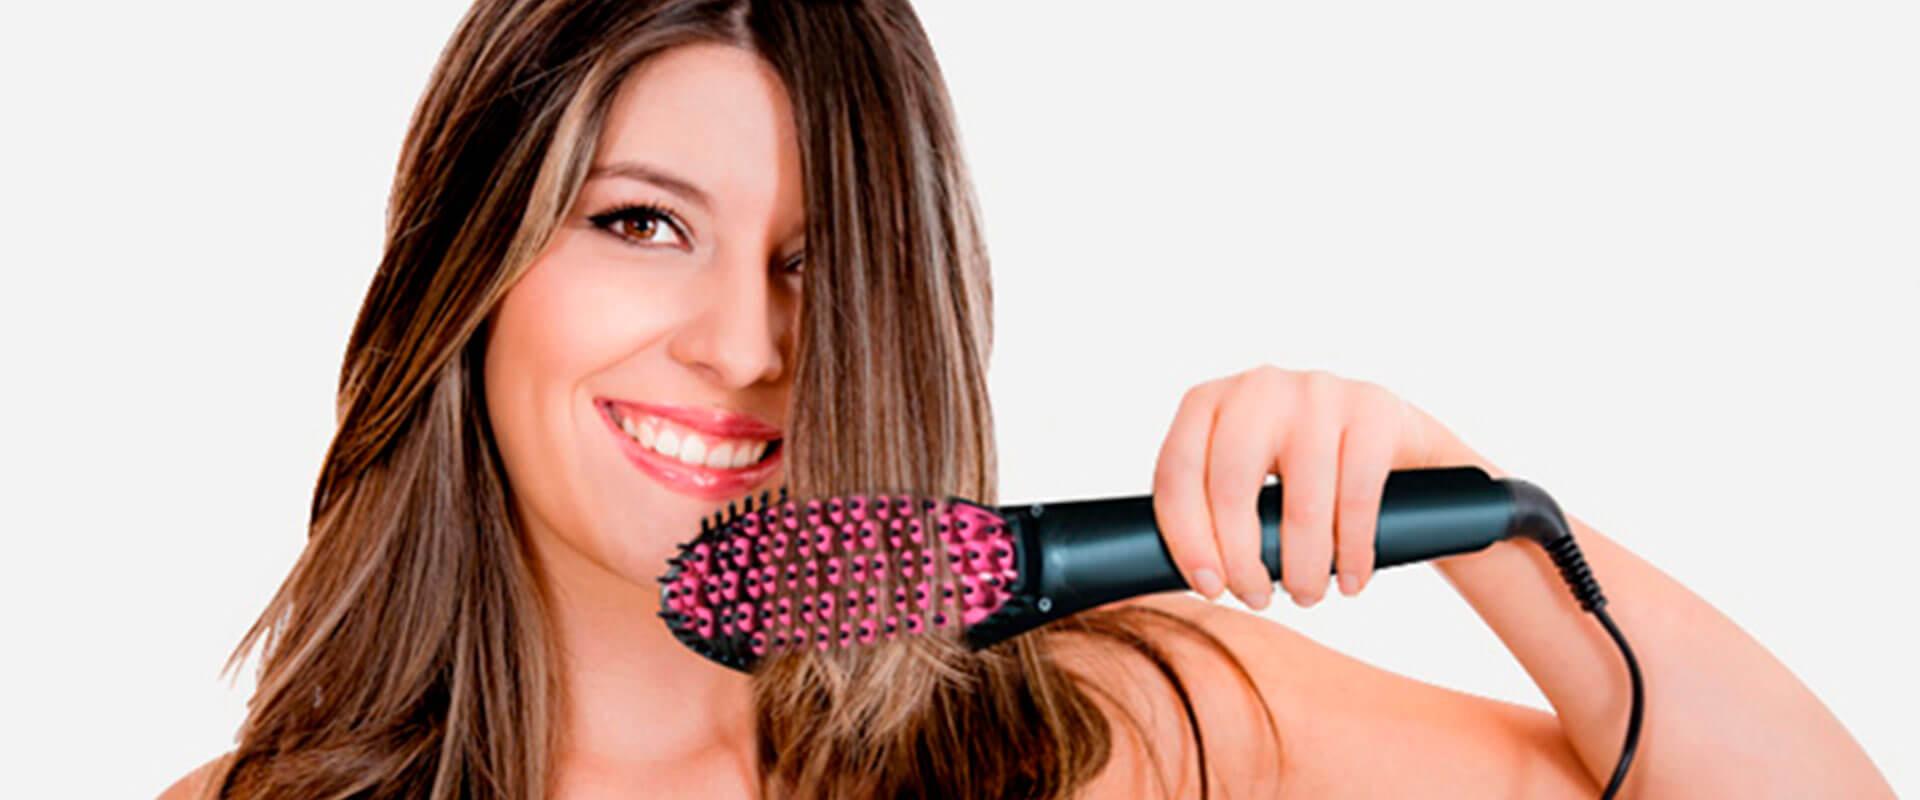 Mujer usando el cepillo alisador Simply Straight para alaciar su cabello fácil y rápido.